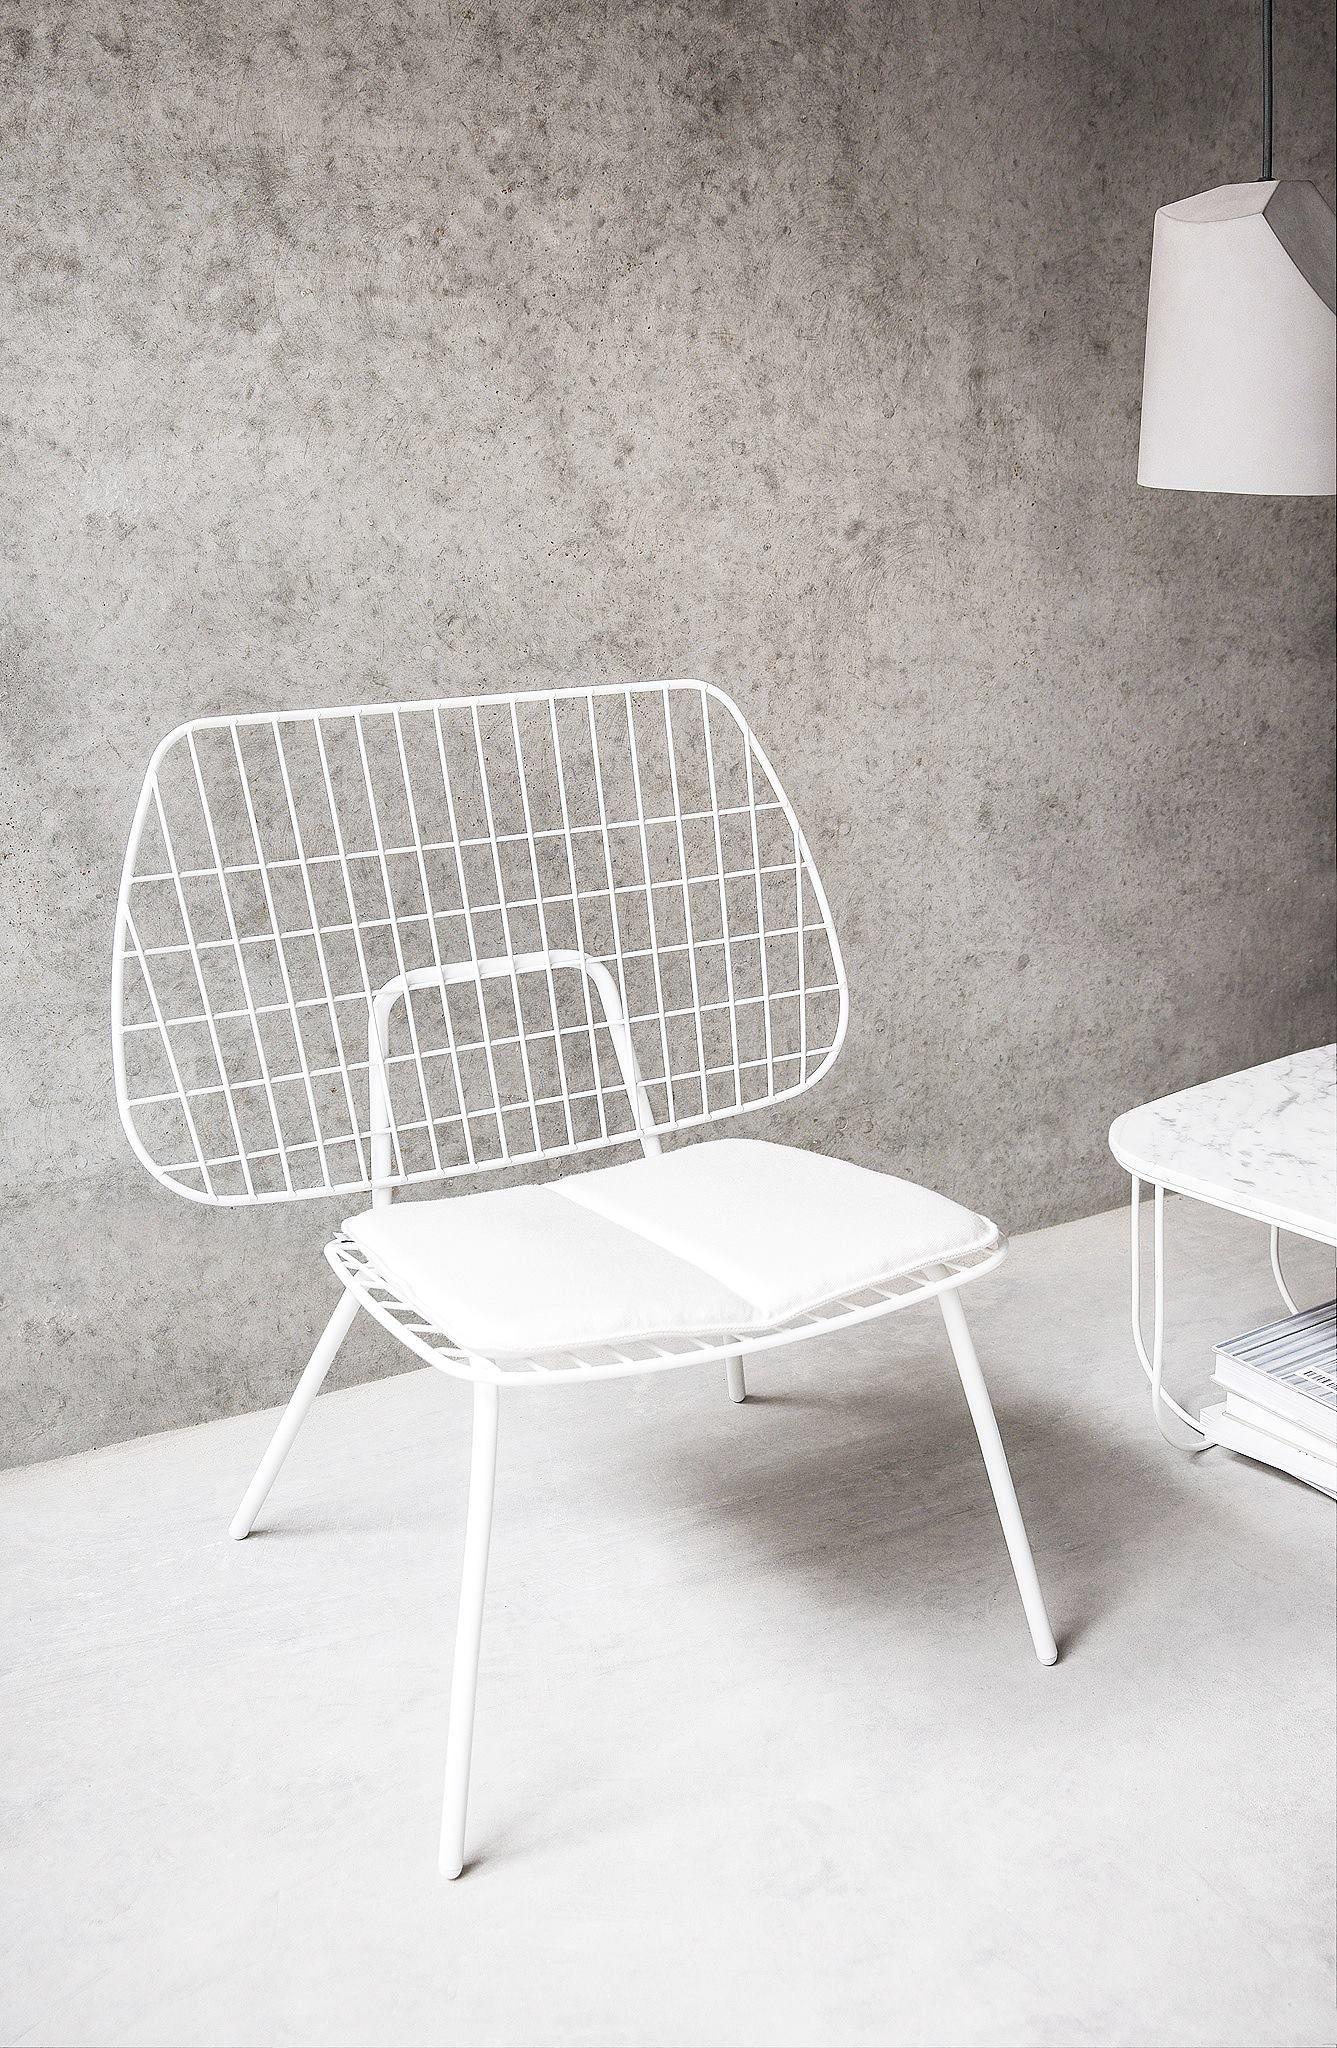 Für den In- und Outdoor Bereich: Der Lounge Chair sieht luftig-leicht aus und hat eine dünne Drahtrahmen-Struktur. Hier entdecken und shoppen: https://sturbock.me/ukQ